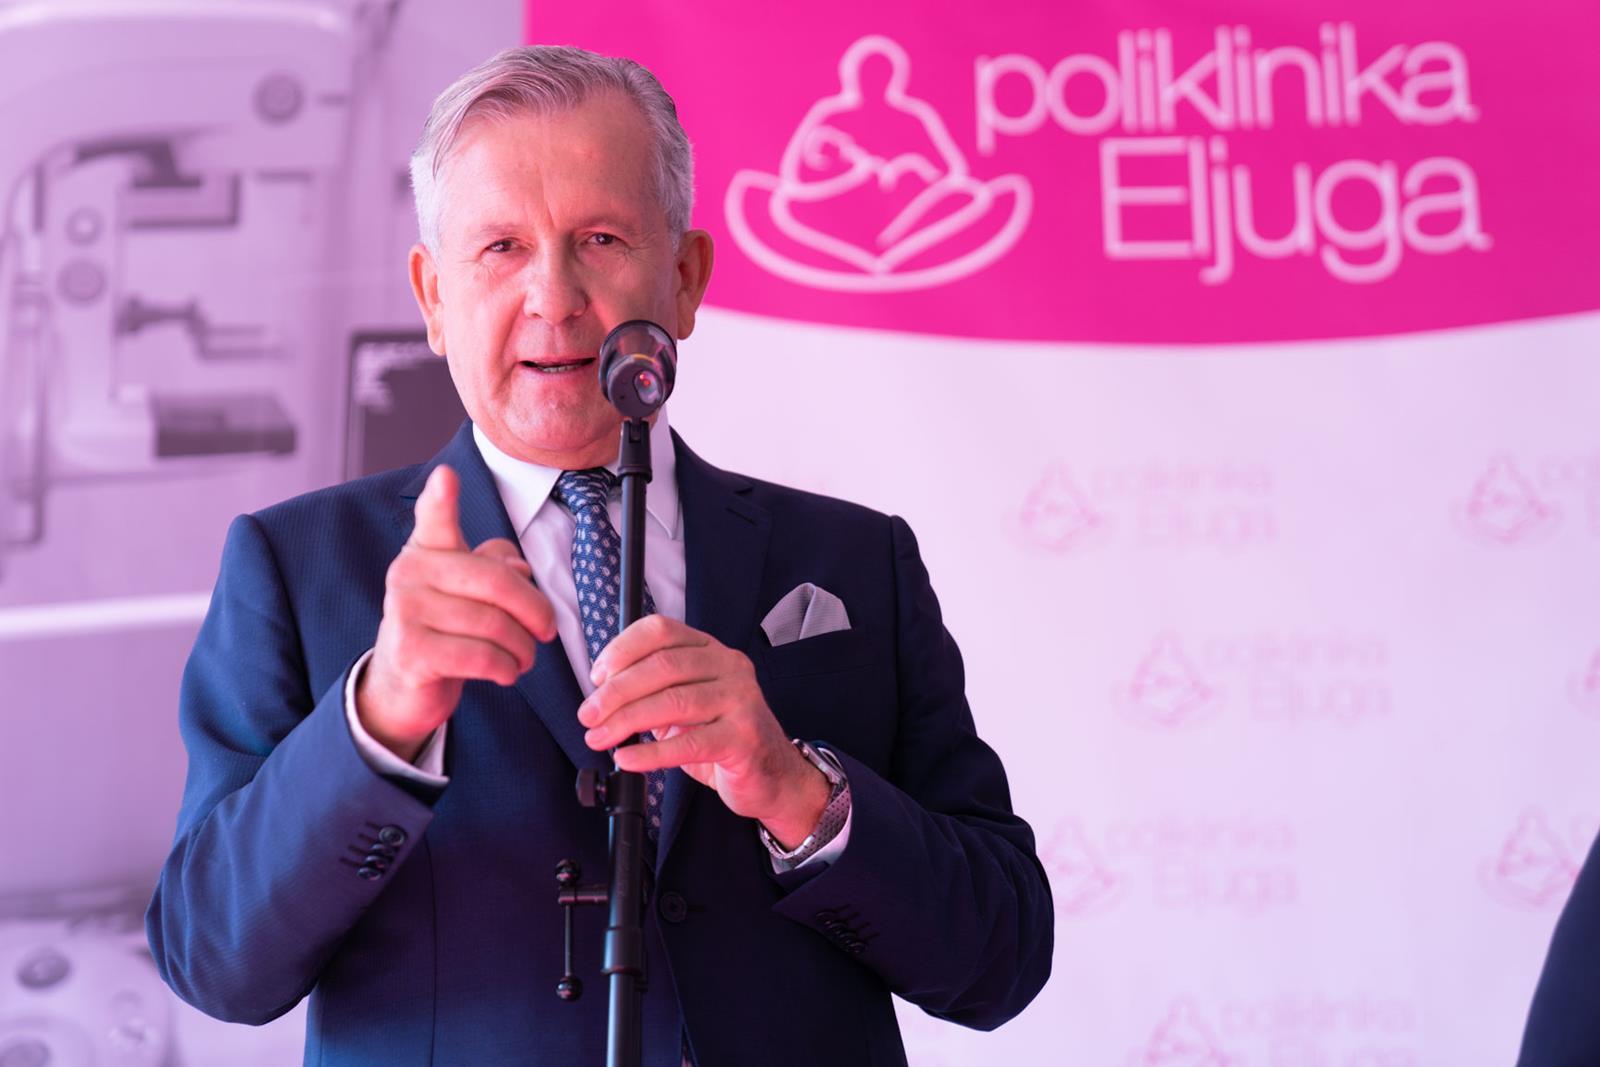 Poliklinika Eljuga proslavila 25 godina uspješnog rada